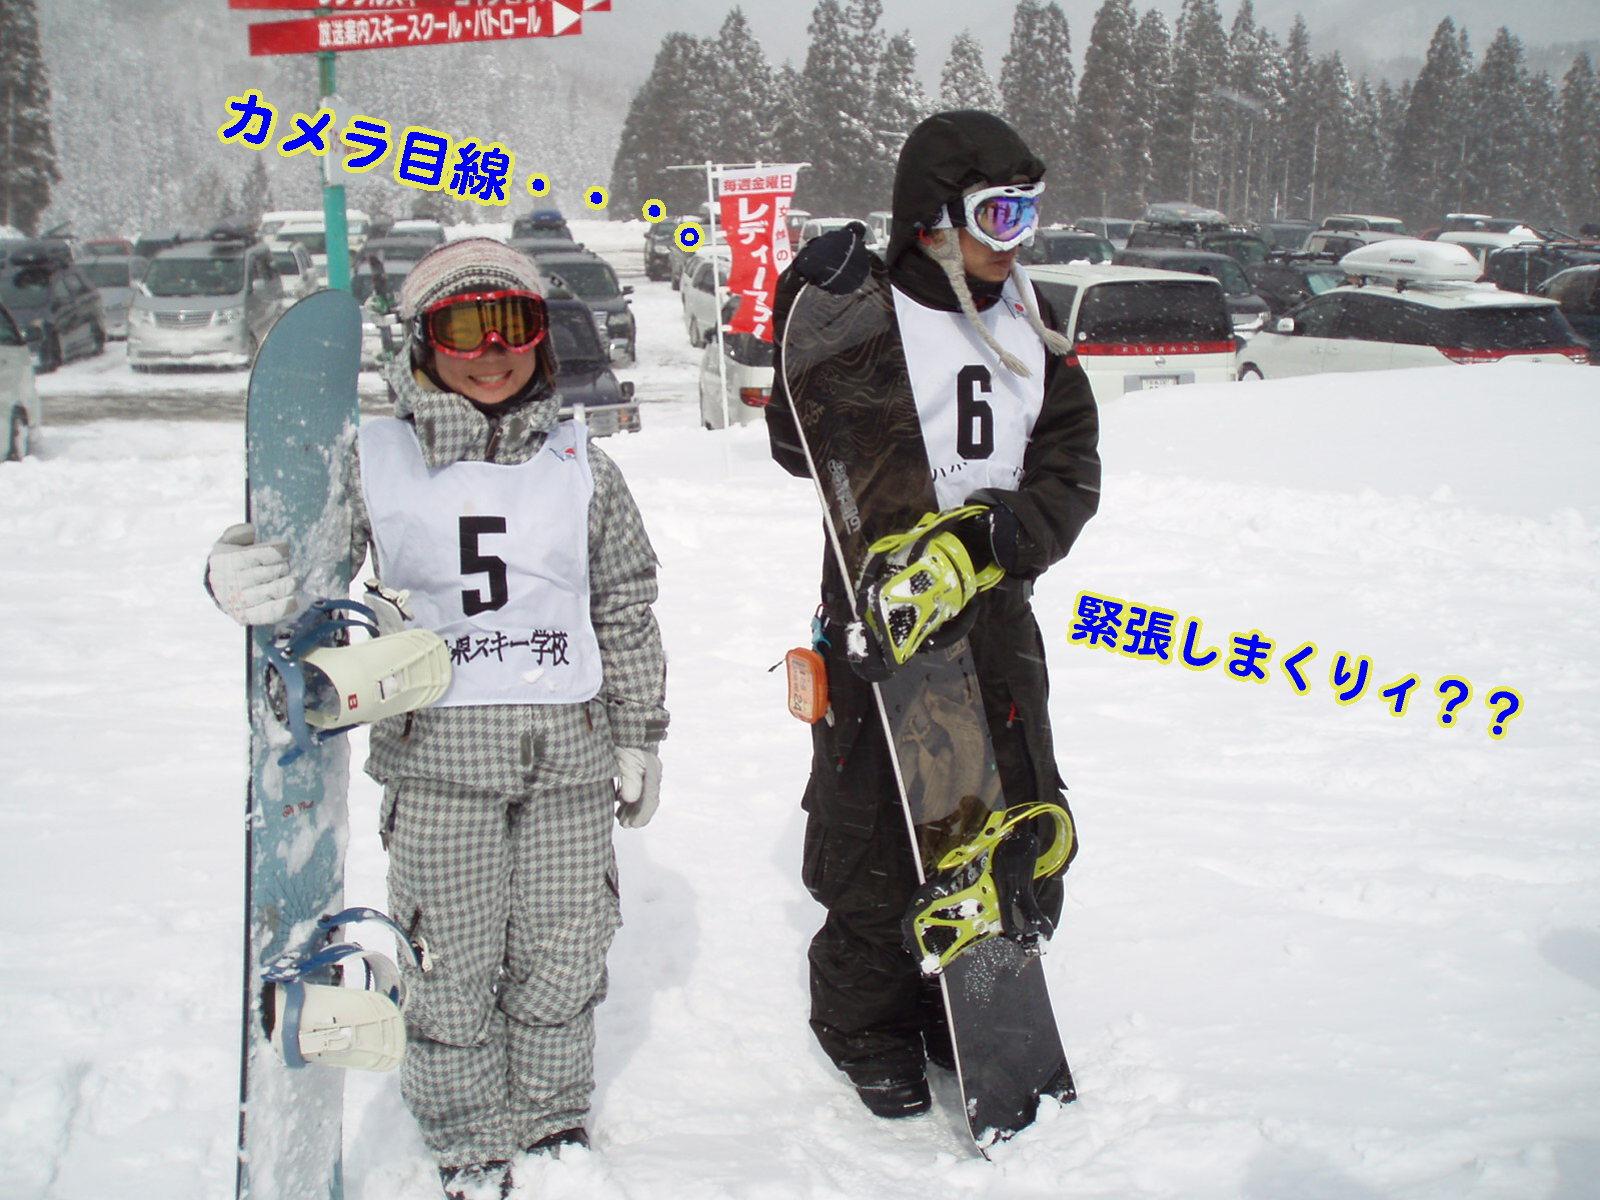 スノーボードバッヂテスト終了☆★_f0118218_1940066.jpg